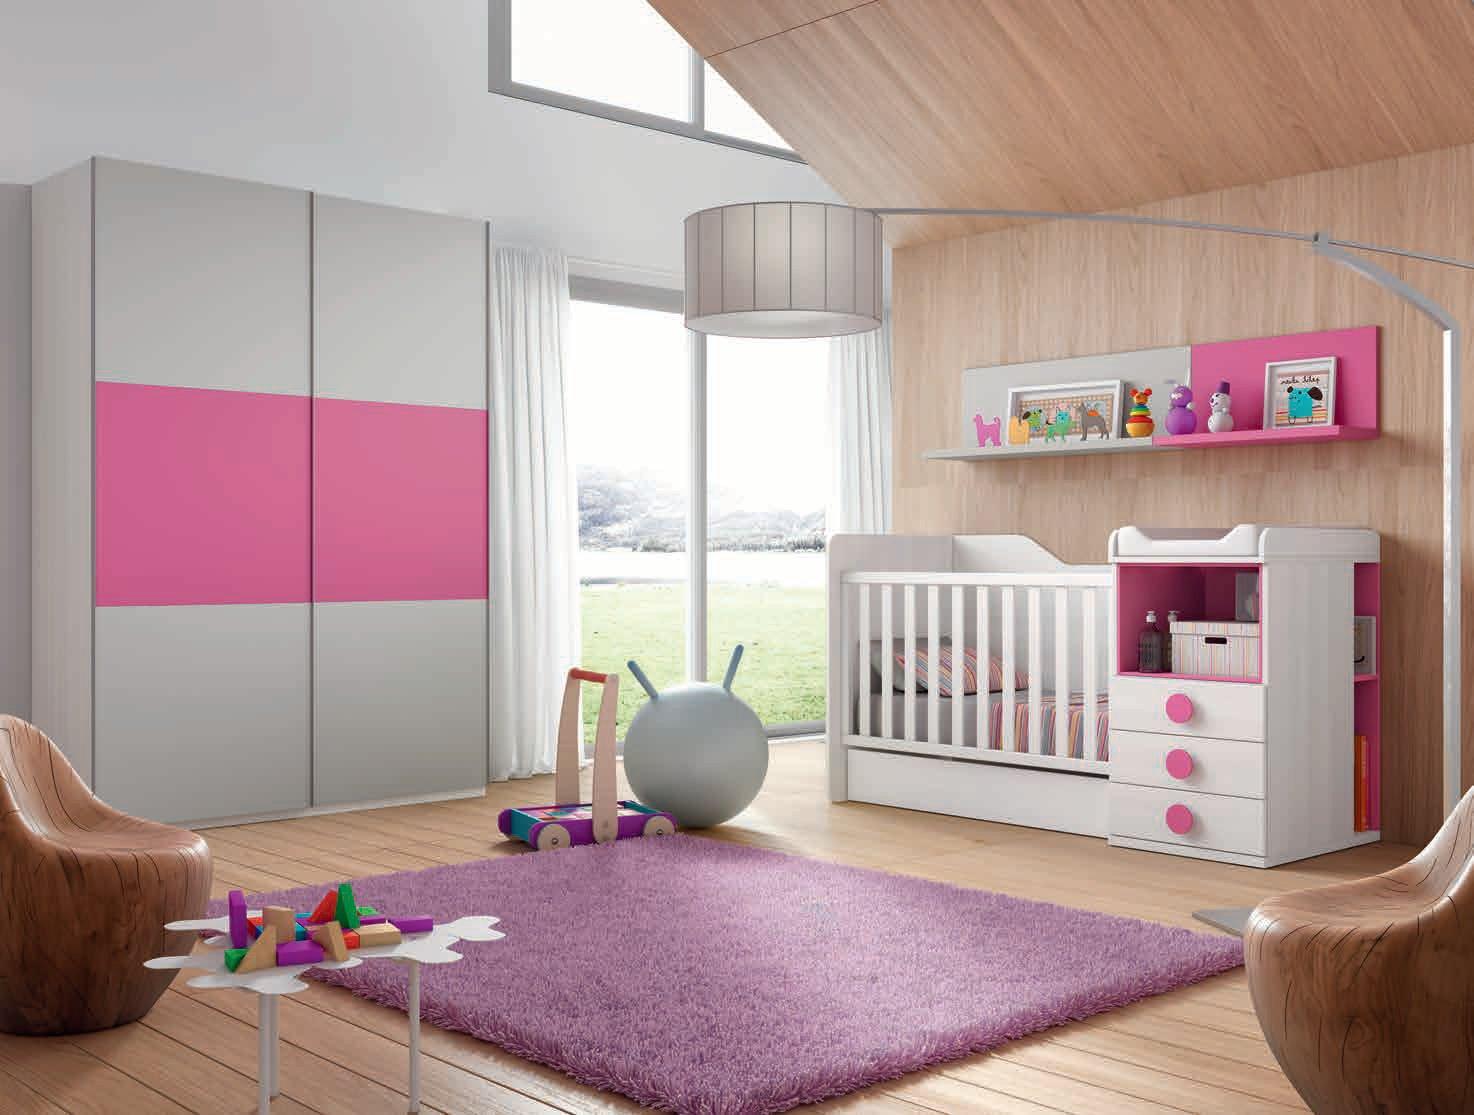 Dormitorio Infantil En Color Blanco Y Tierra Muebles Sipo # Muebles Sipo Los Barrios